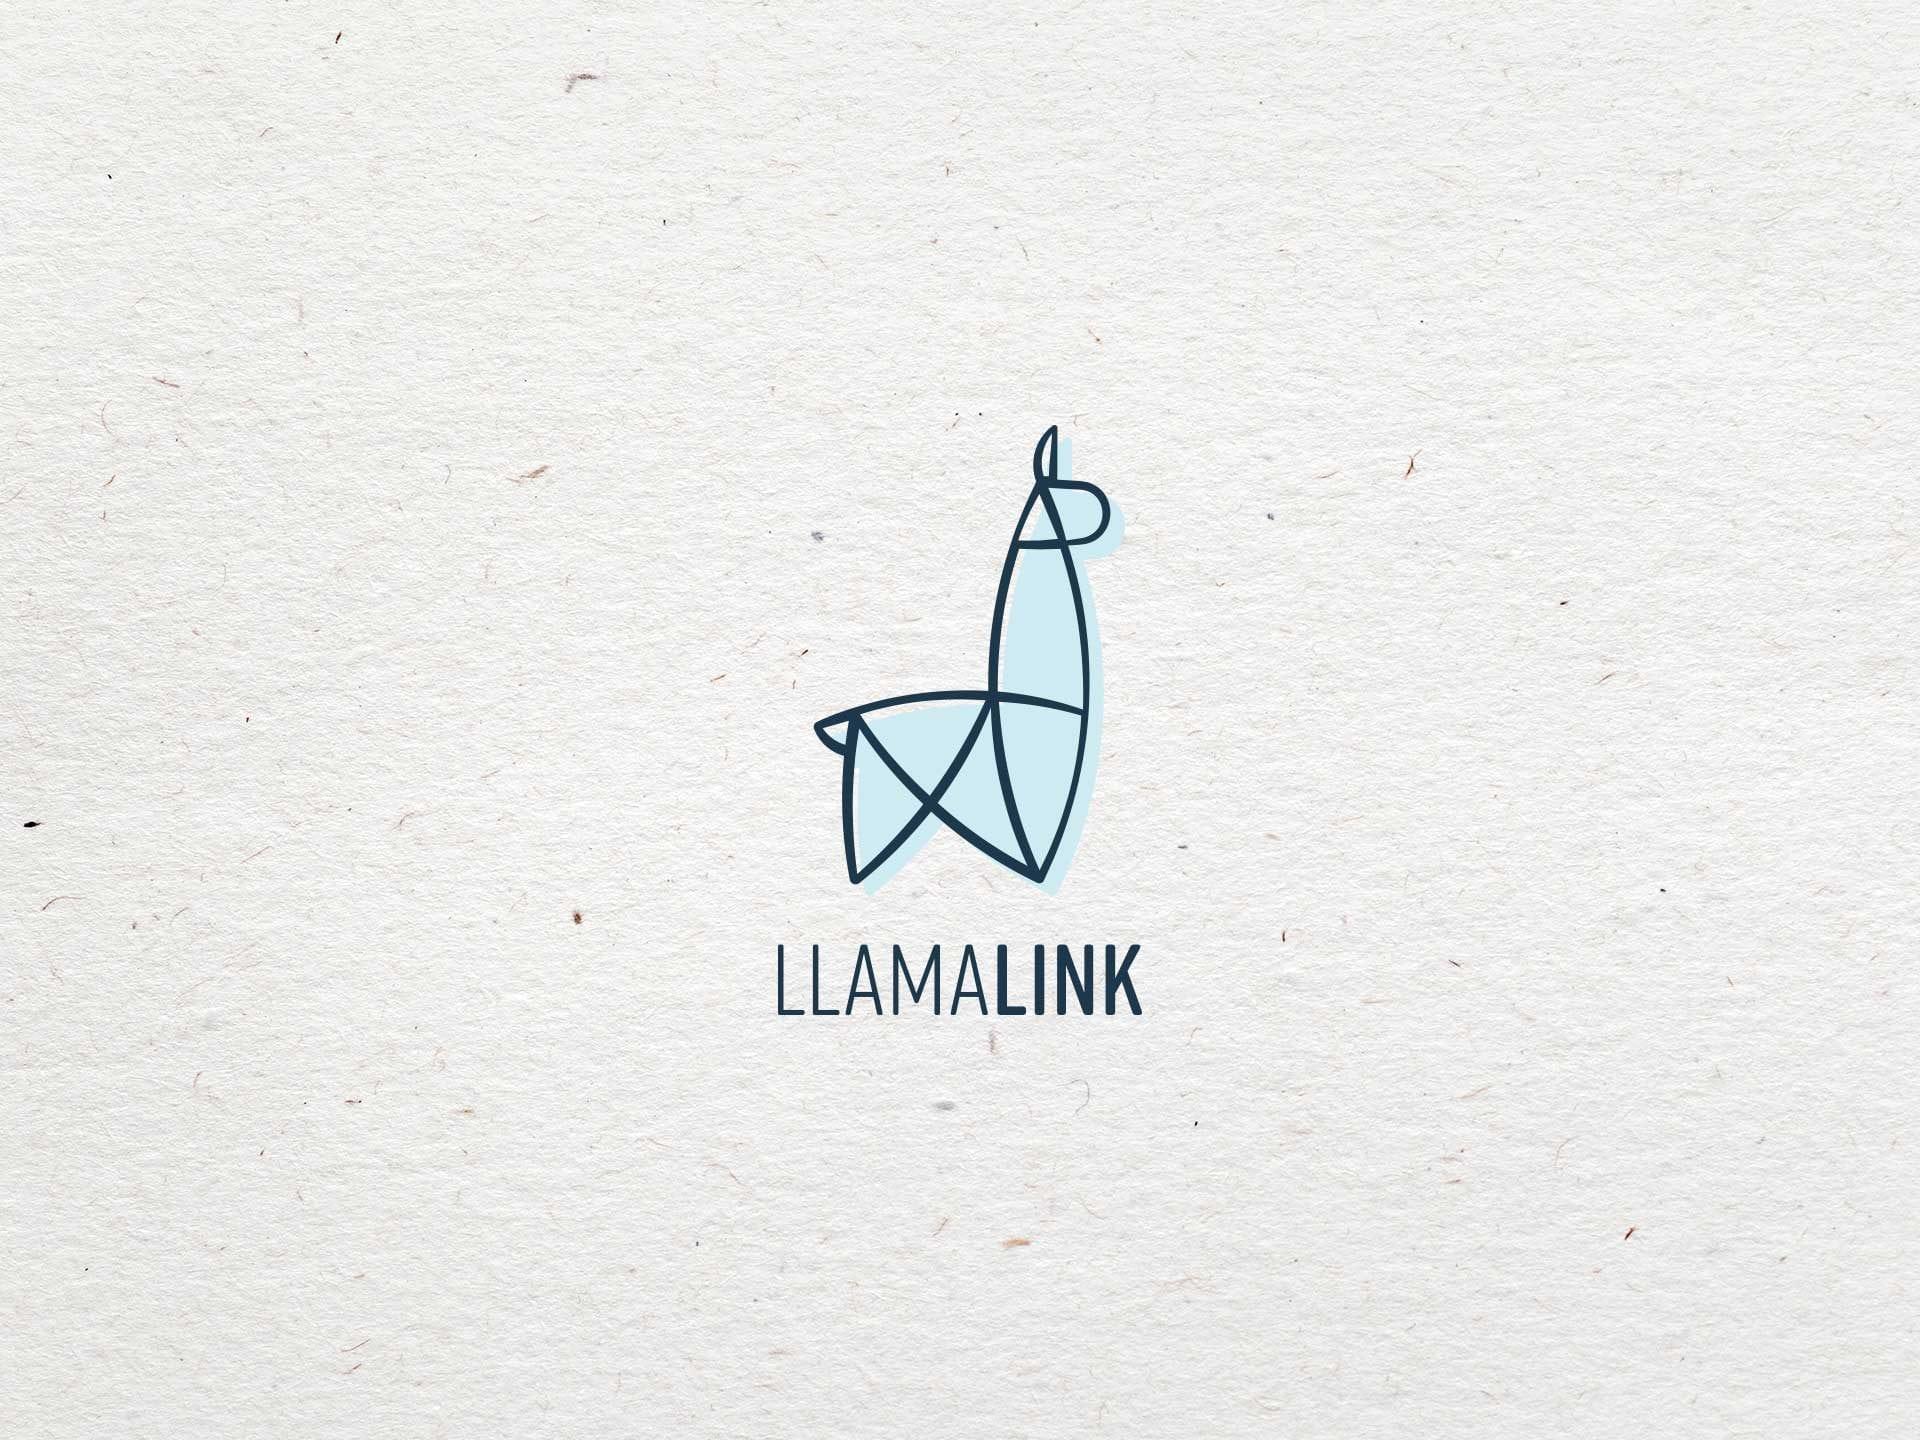 Y5 Creative Case Studies LlamaLink Logo 2019